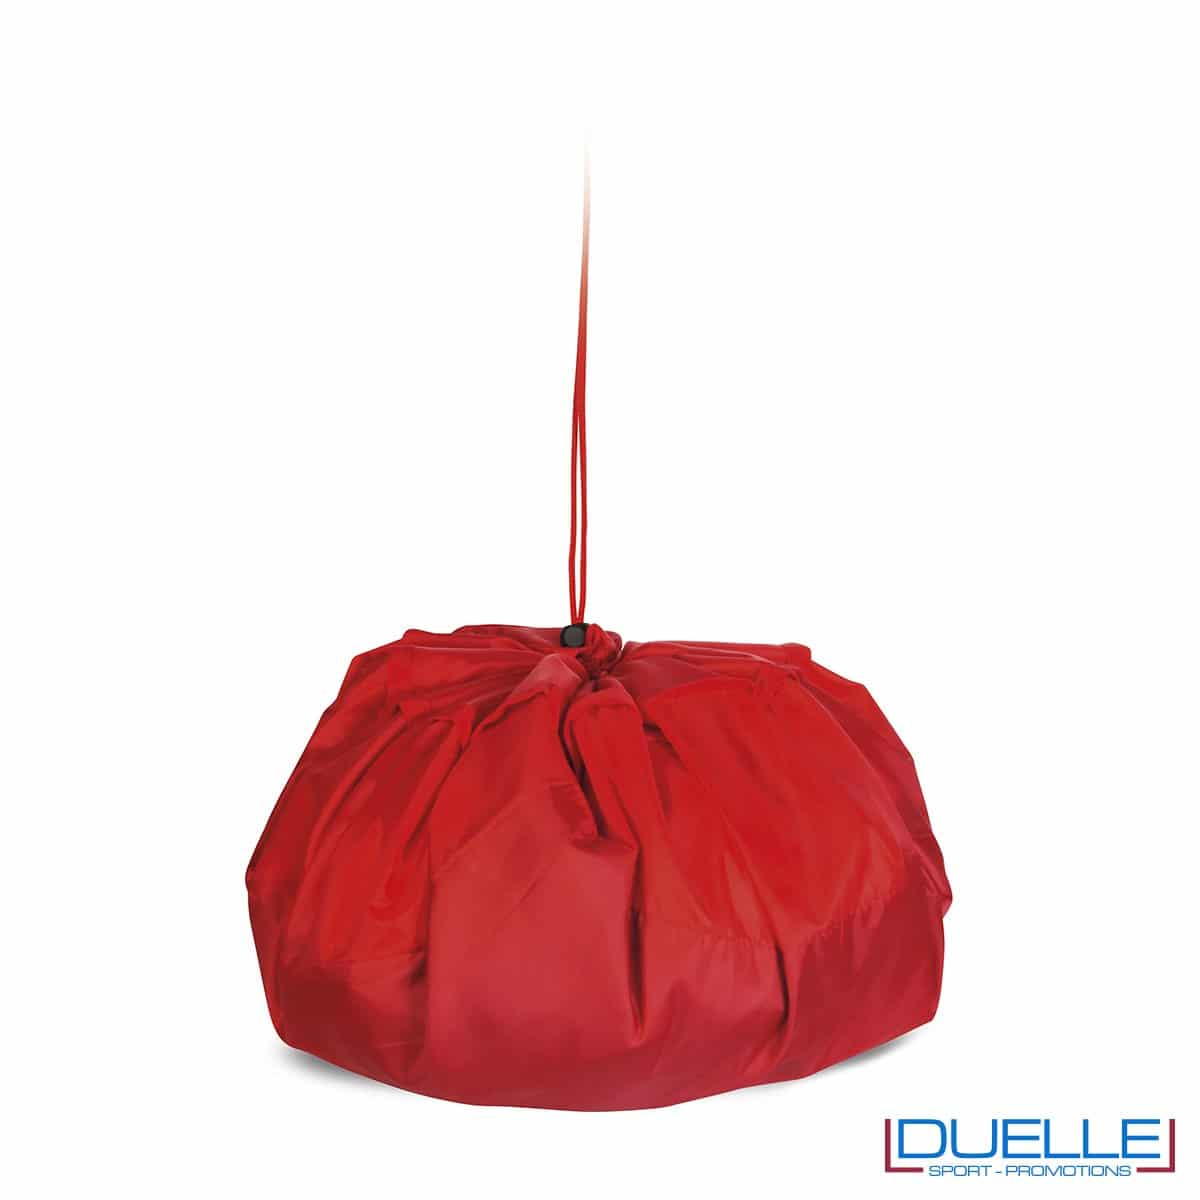 Sacco da cambio pratica colore rosso personalizzata, borse sportive personalizzate, gadget sportivi